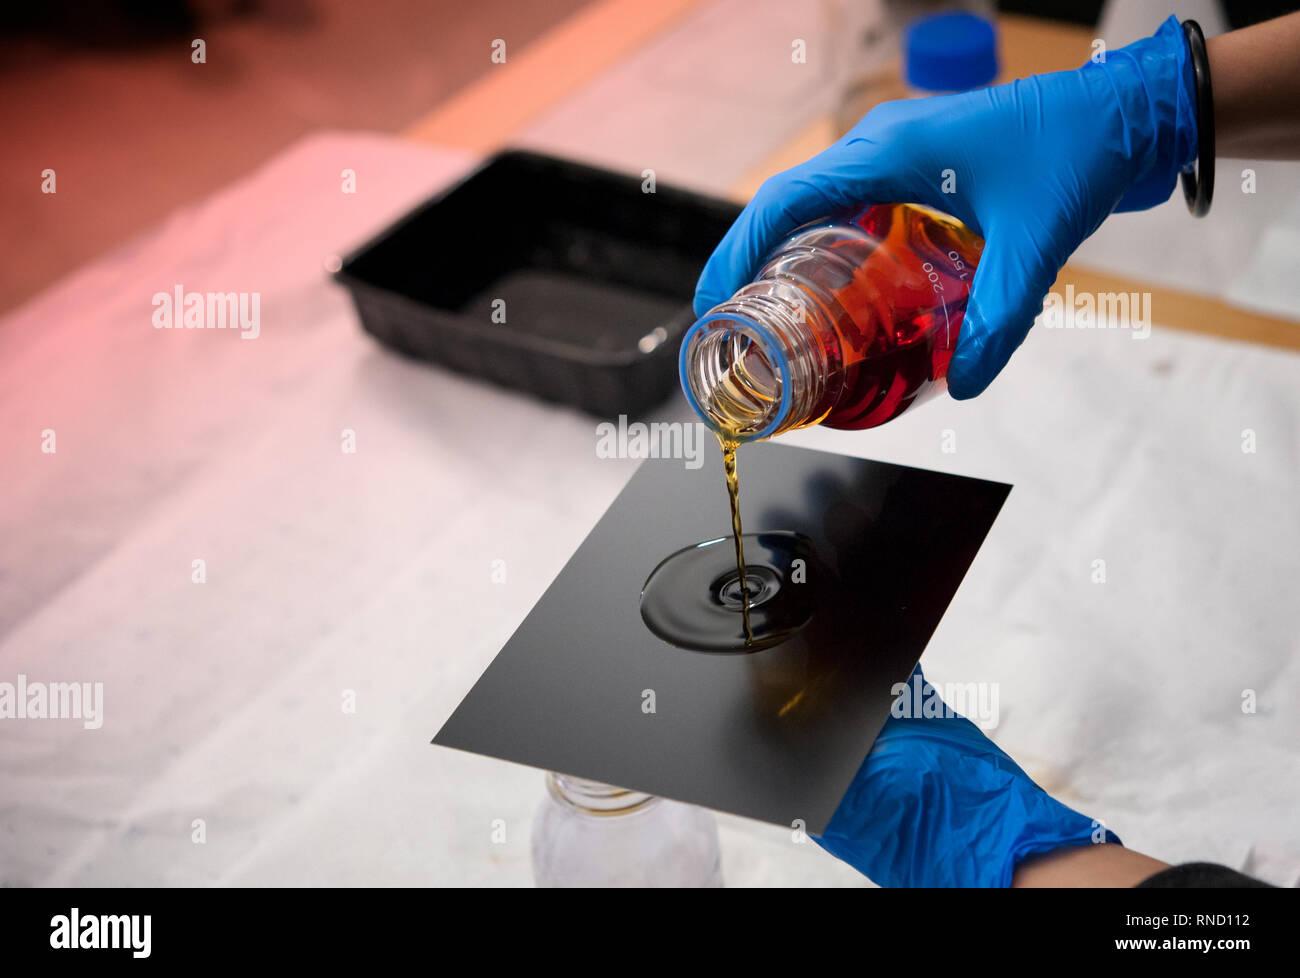 Fotograf gießt Collodium Lösung auf der dünnen schwarzen Eisenplatte. Nassen Platte collodium Prozess. Stockbild